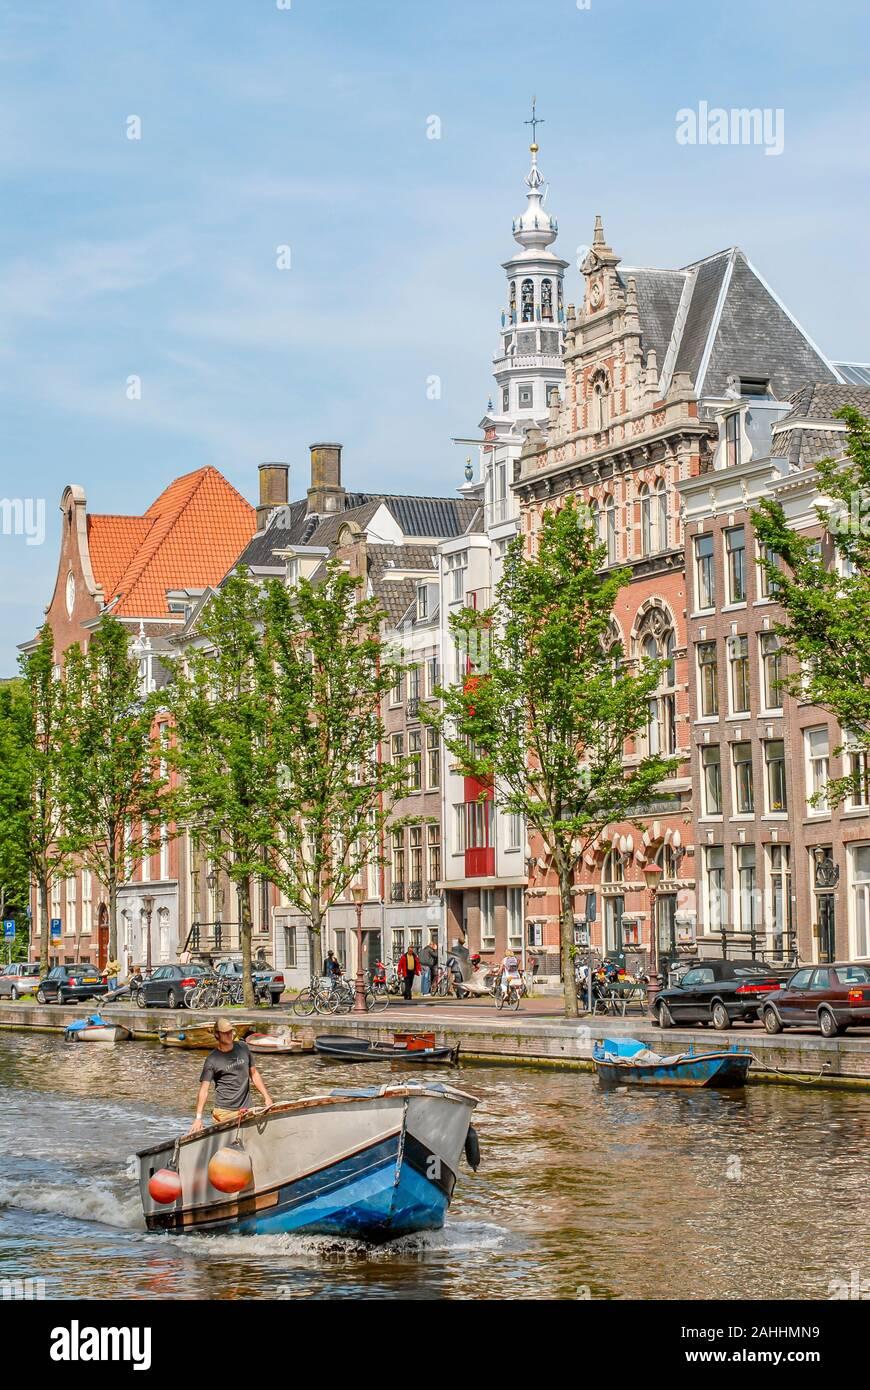 Piccola barca in esecuzione attraverso un Amsterdam Canale d'acqua Netherlande Foto Stock